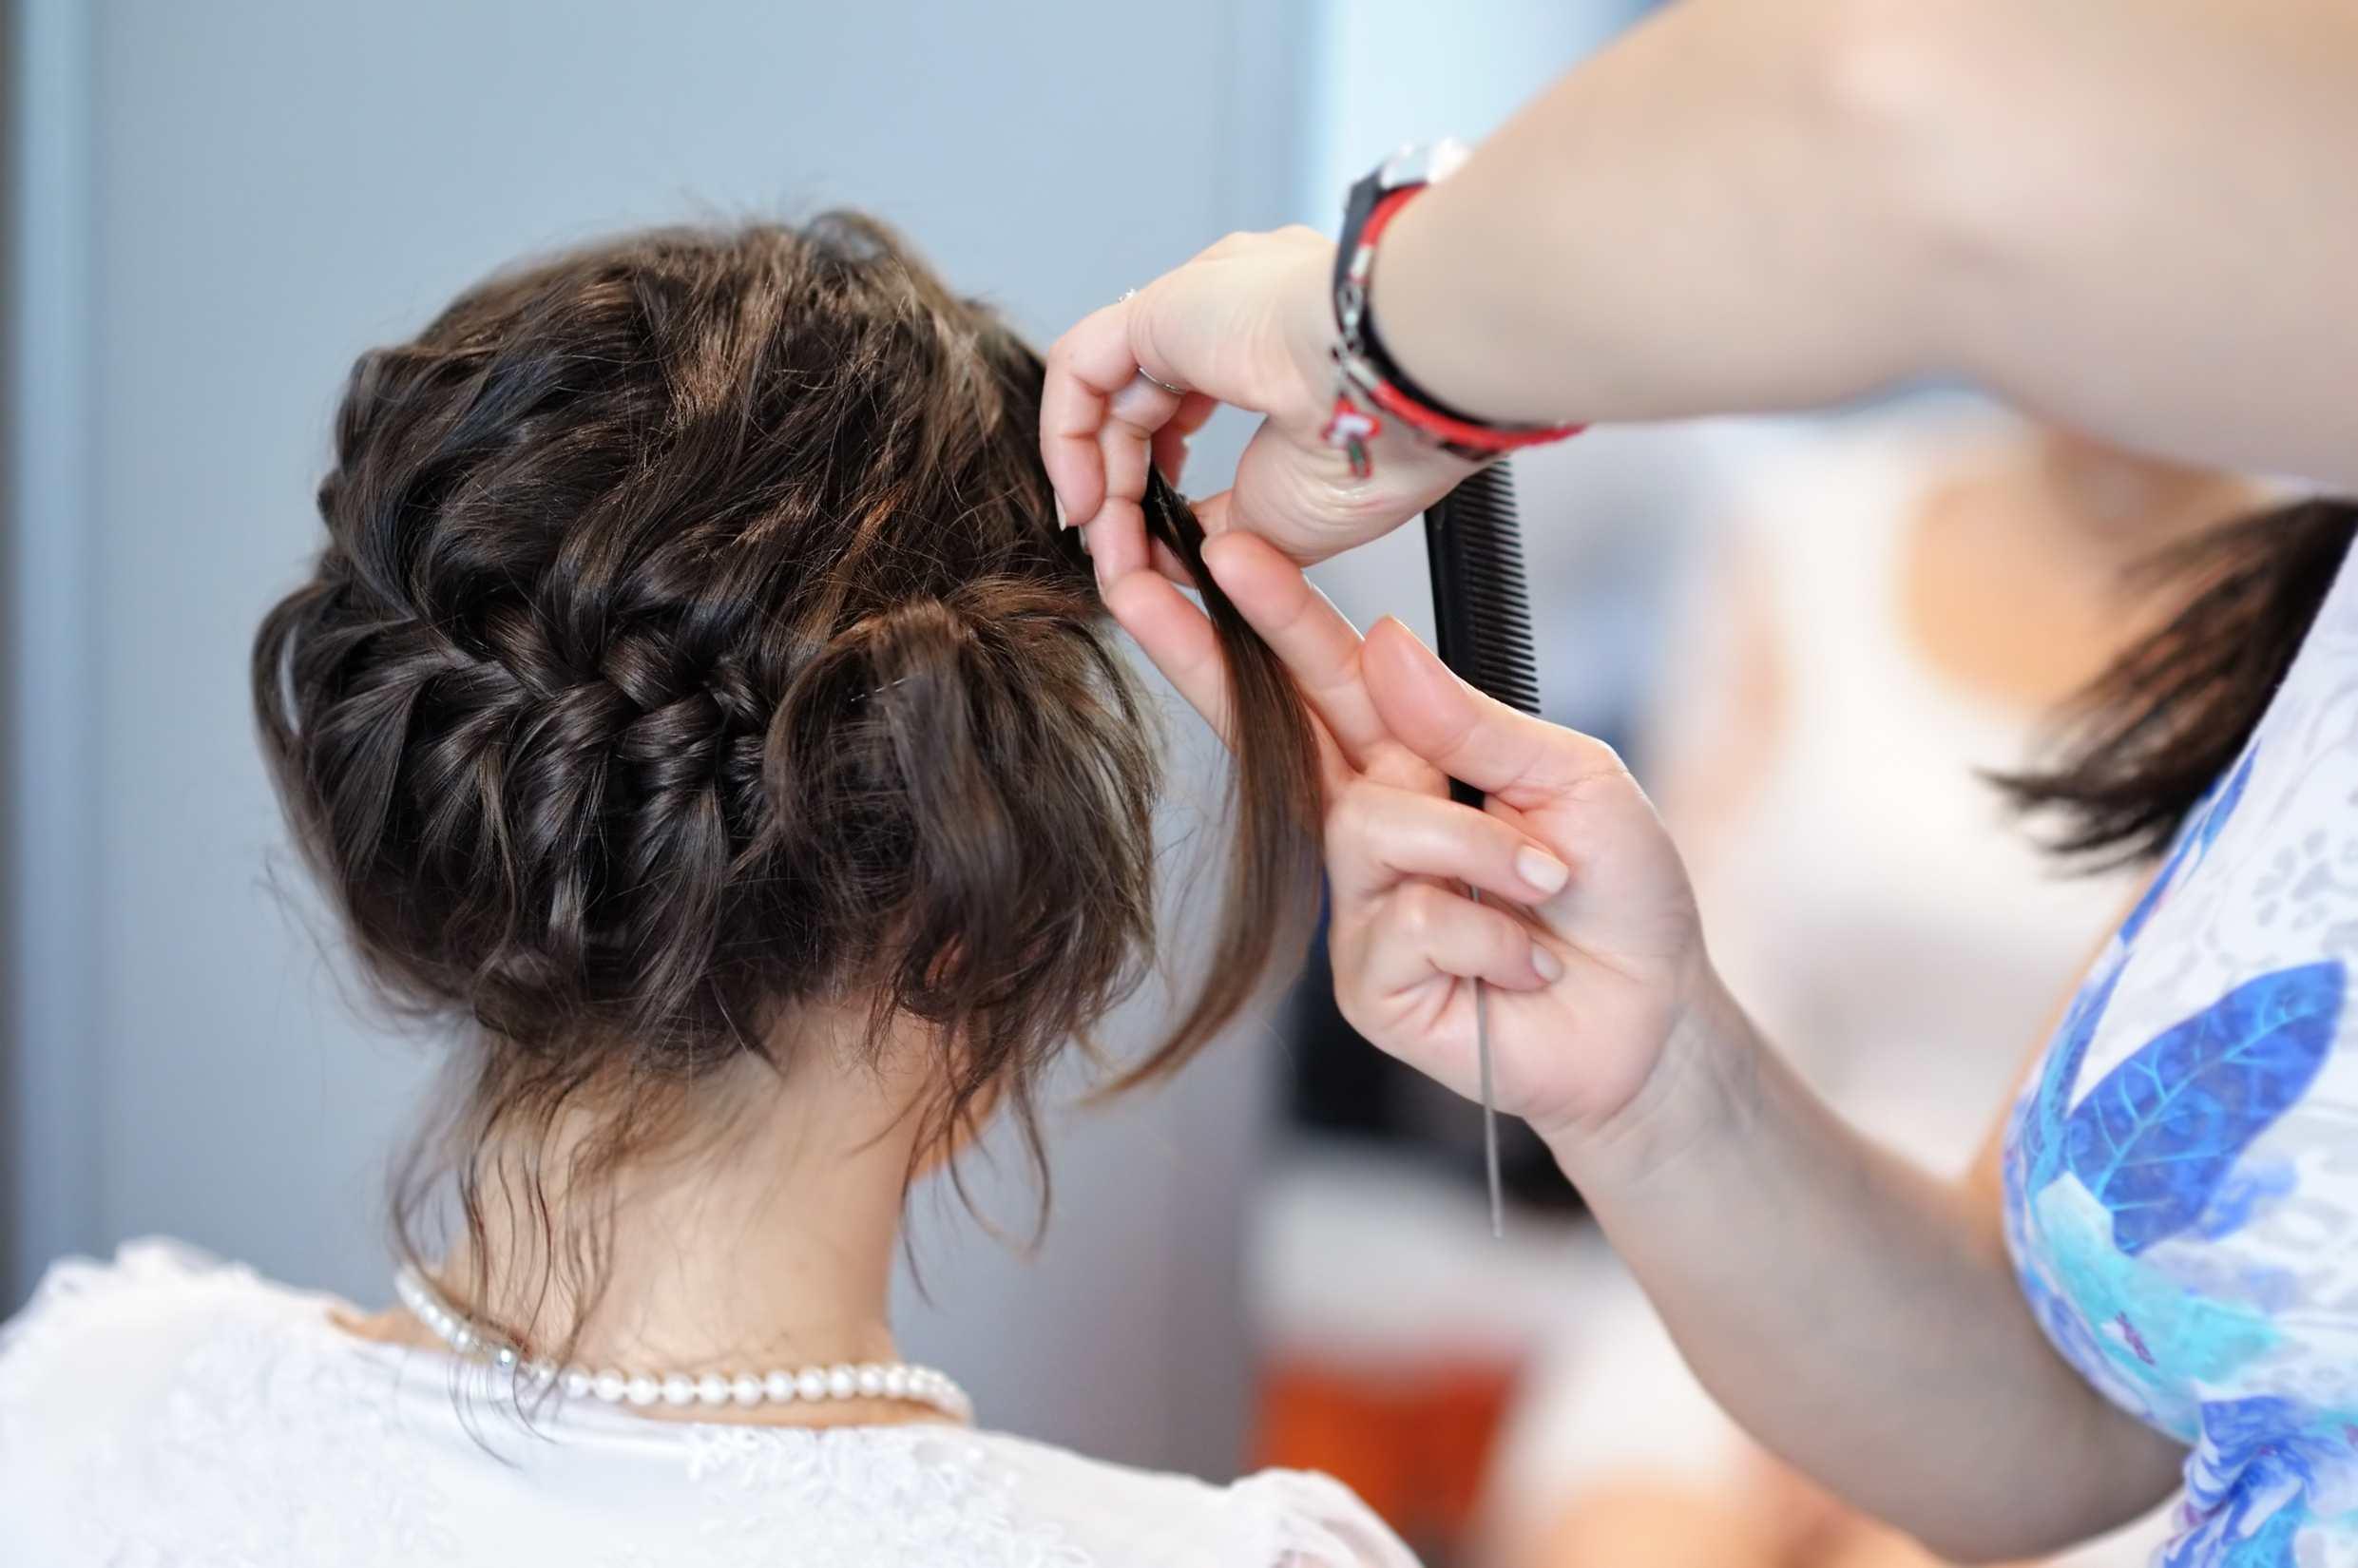 Braid hairstyle ideas TheFuss.co.uk